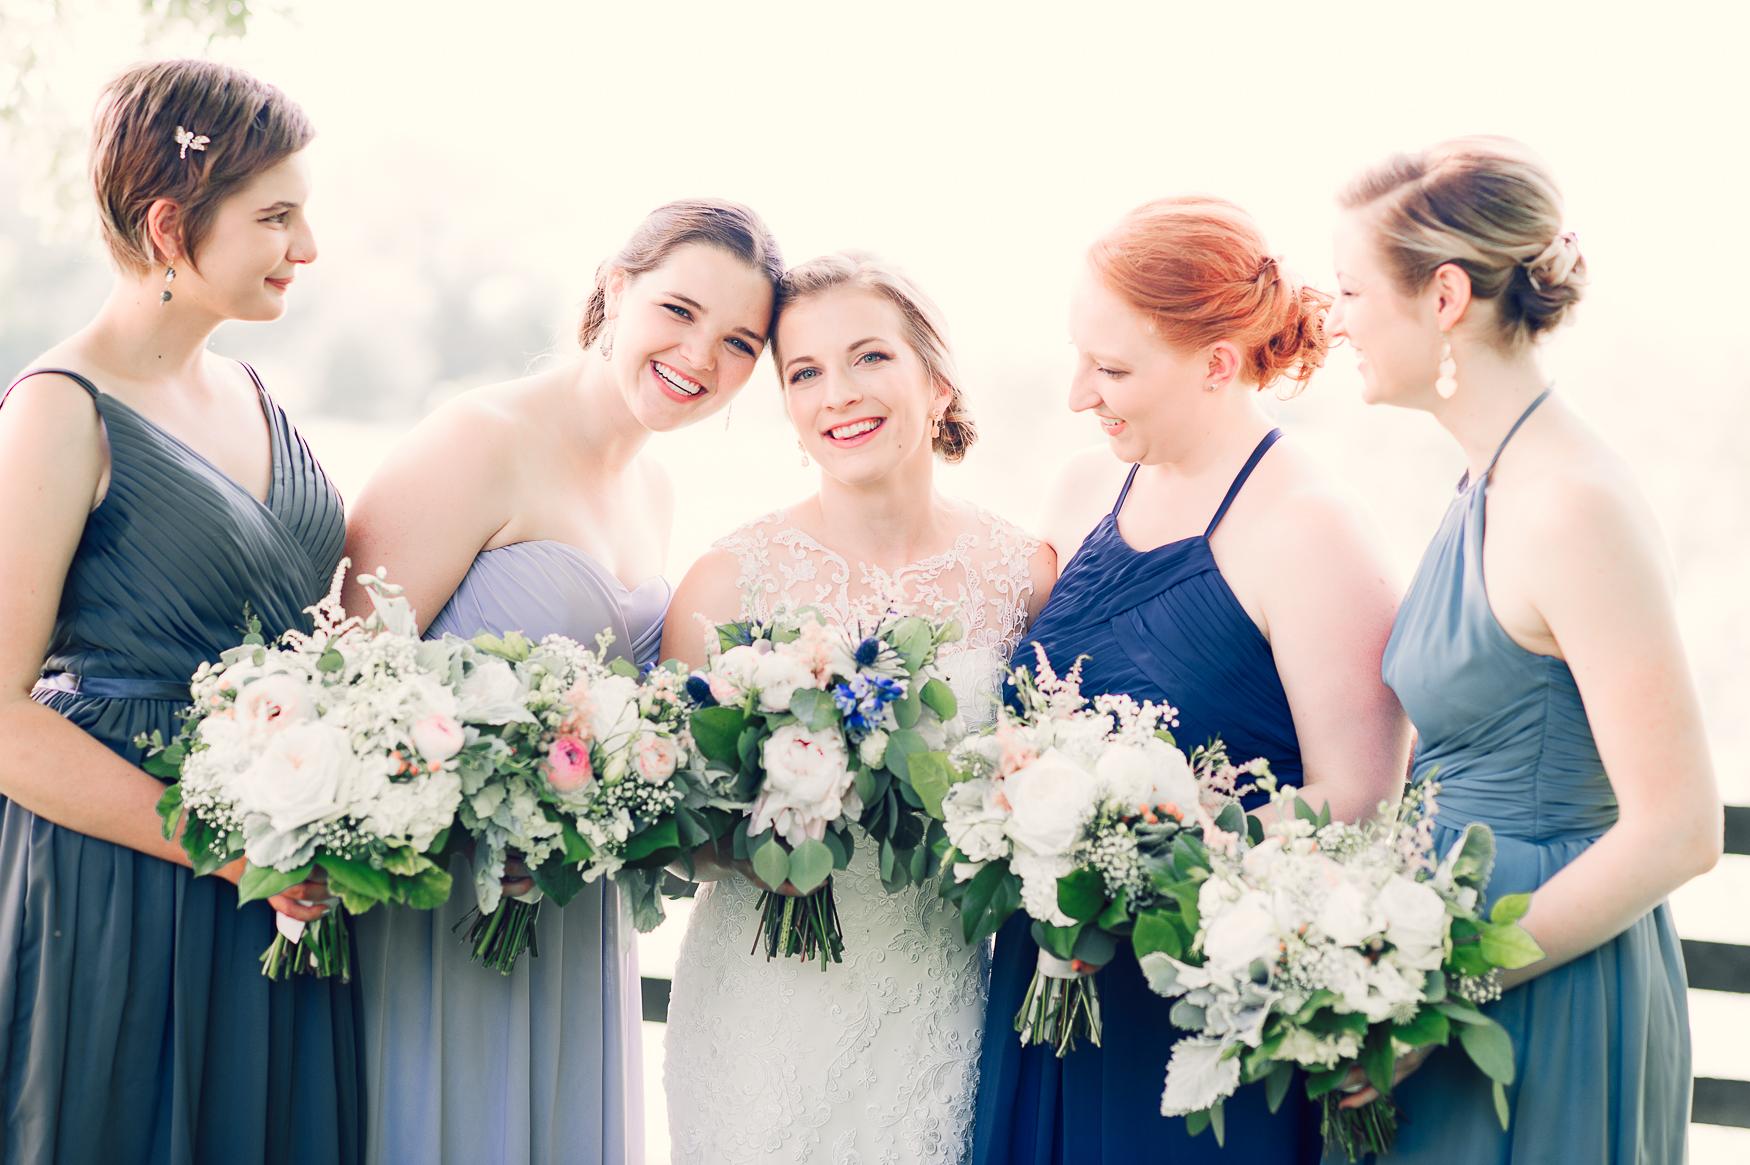 charlottesvillewedding_backyardwedding_virginia_youseephotography_CaitlinDerek (25).jpg